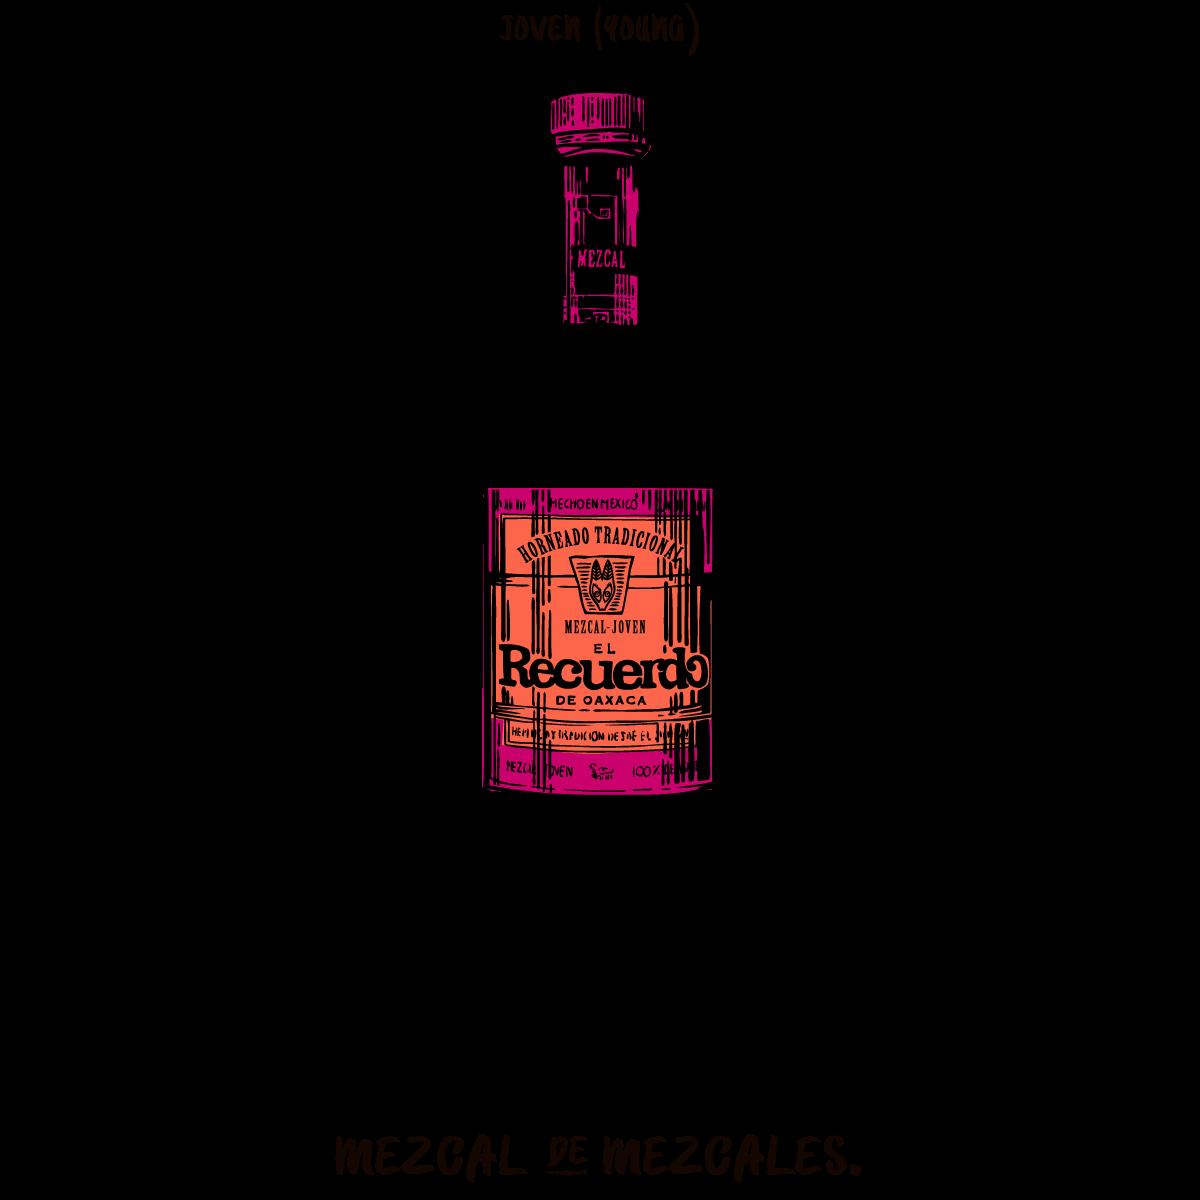 02-young-mezcal-de-mezcales